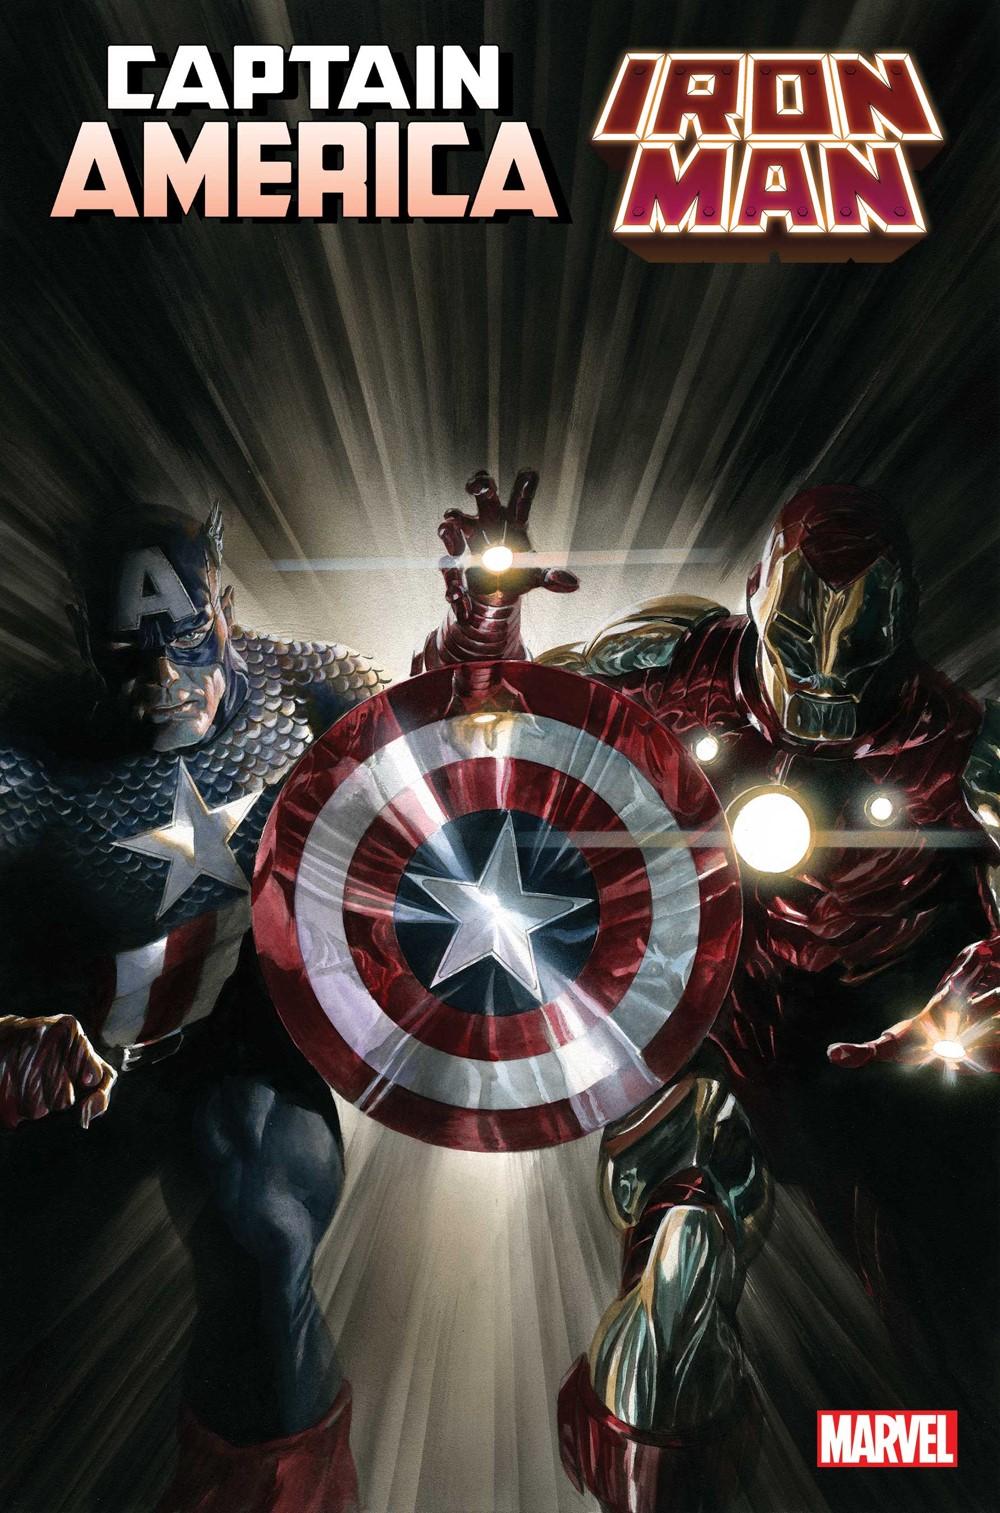 CAPAIM2021001_cov-1 Marvel Comics November 2021 Solicitations